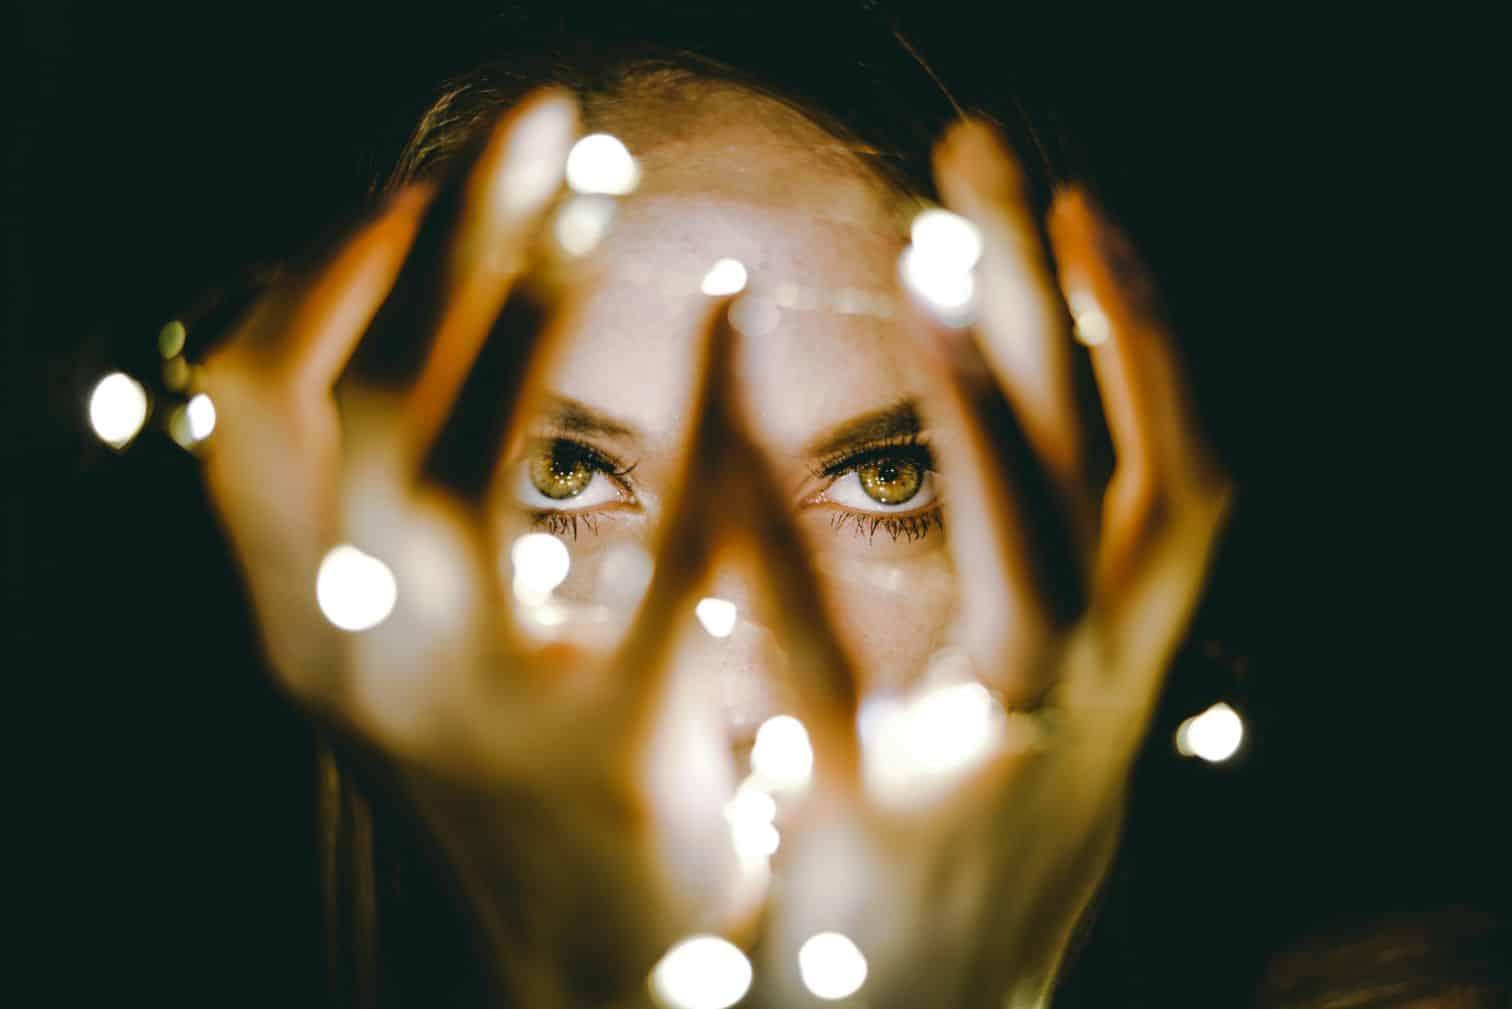 Kobieca twarz oświetlona lampkami